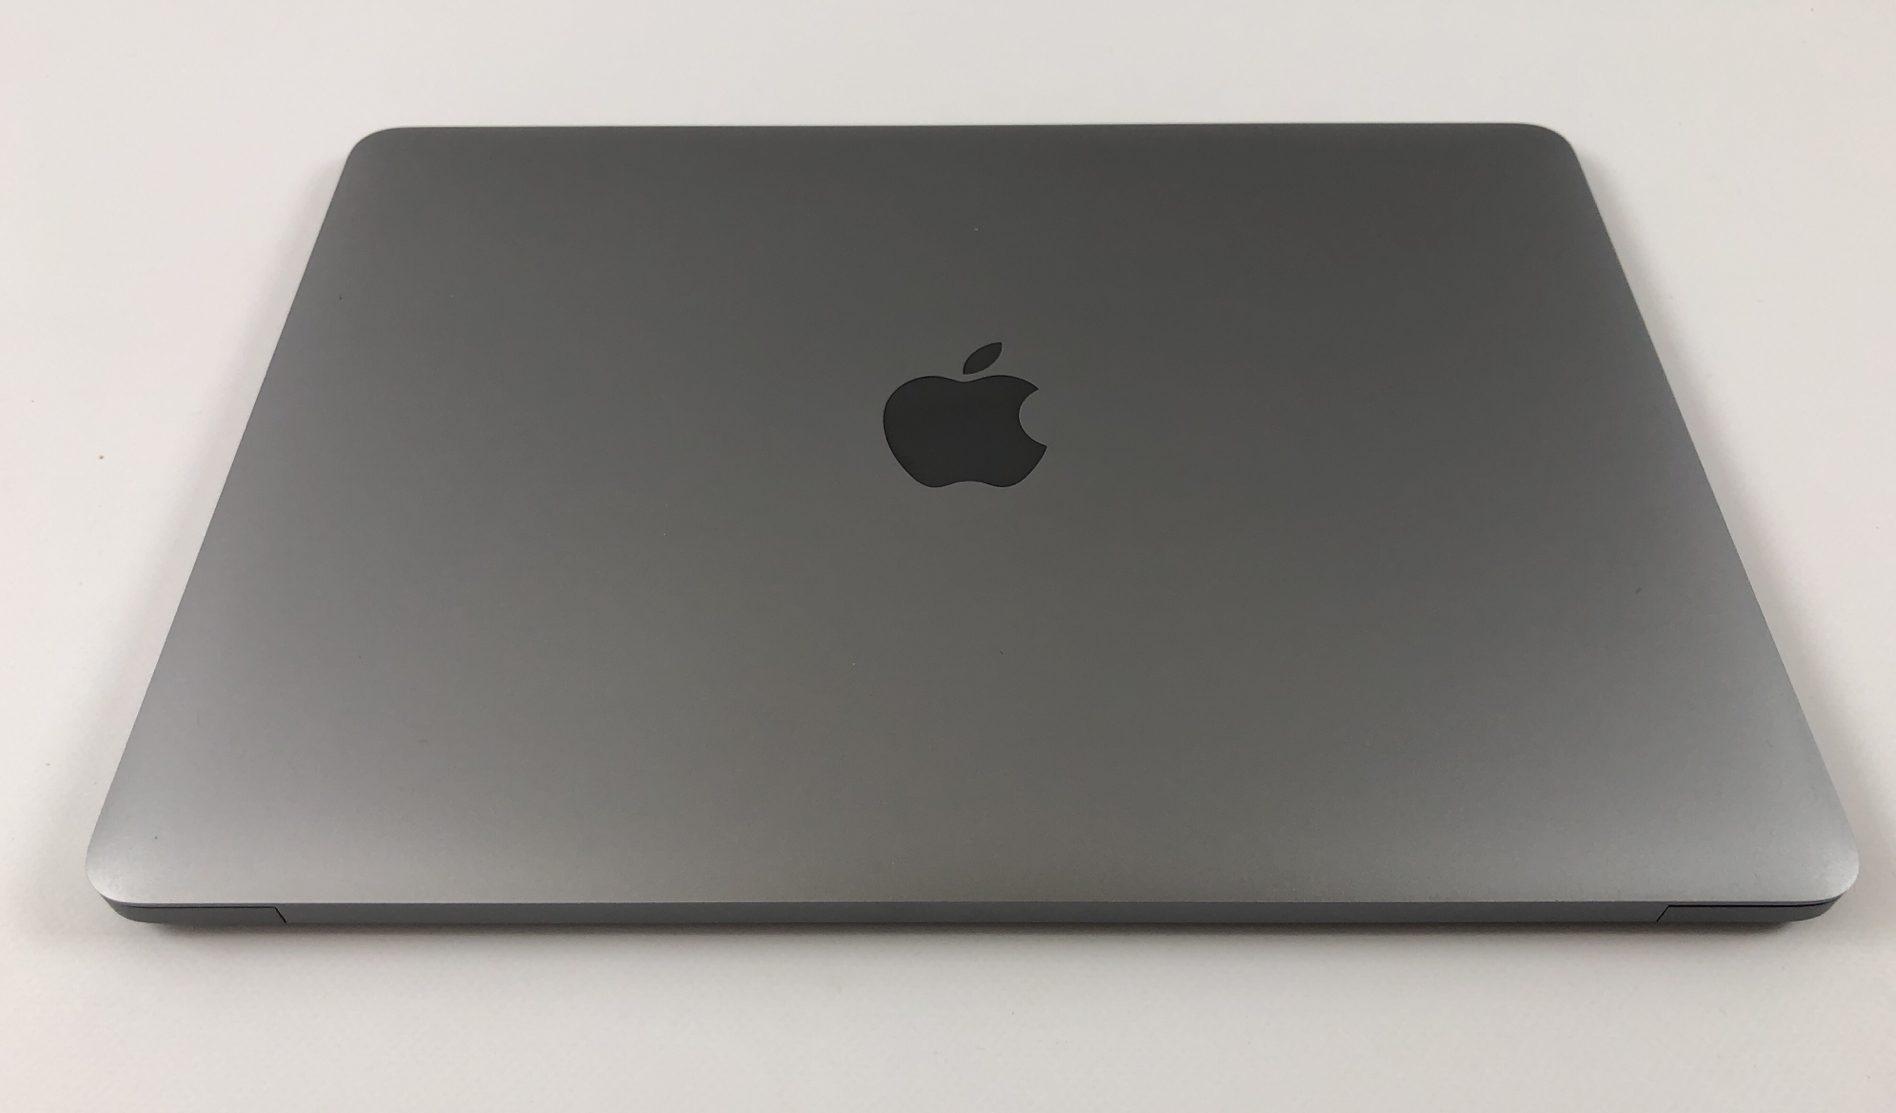 """MacBook 12"""" Mid 2017 (Intel Core m3 1.2 GHz 8 GB RAM 256 GB SSD), Space Gray, Intel Core m3 1.2 GHz, 8 GB RAM, 256 GB SSD, Afbeelding 2"""